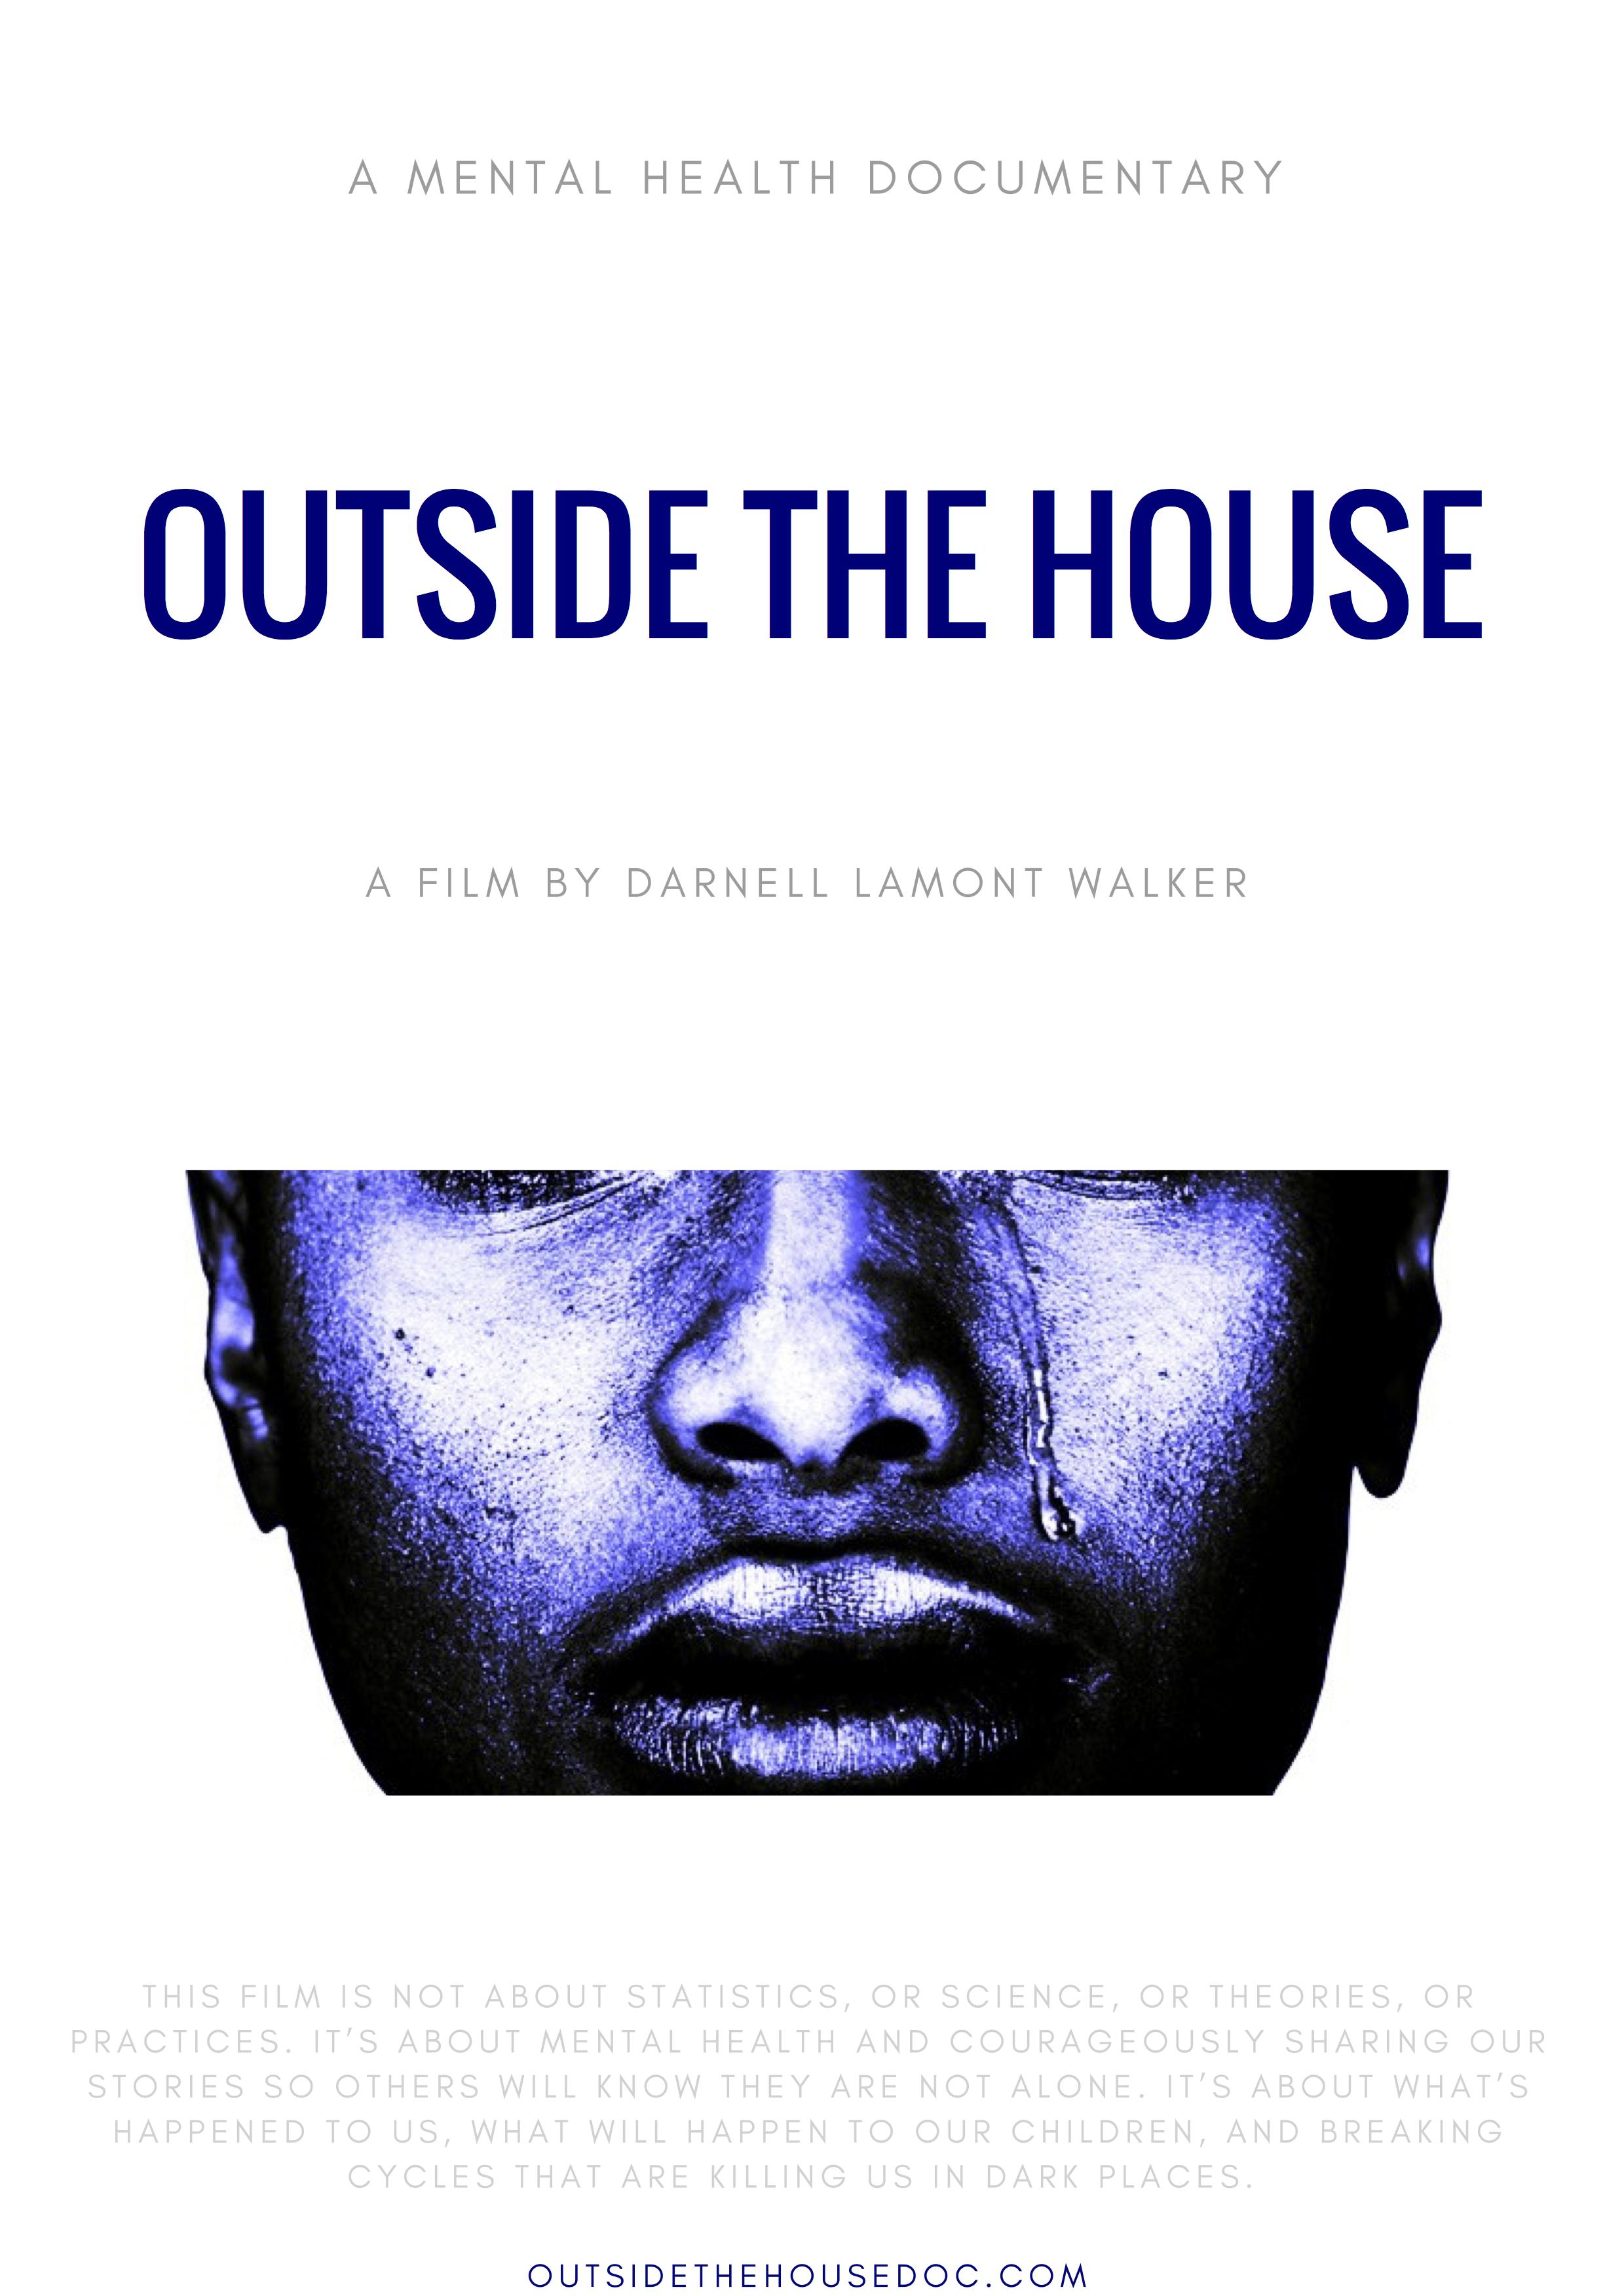 Filmmaker Darnell Lamont Walker Talks About Mental Illness